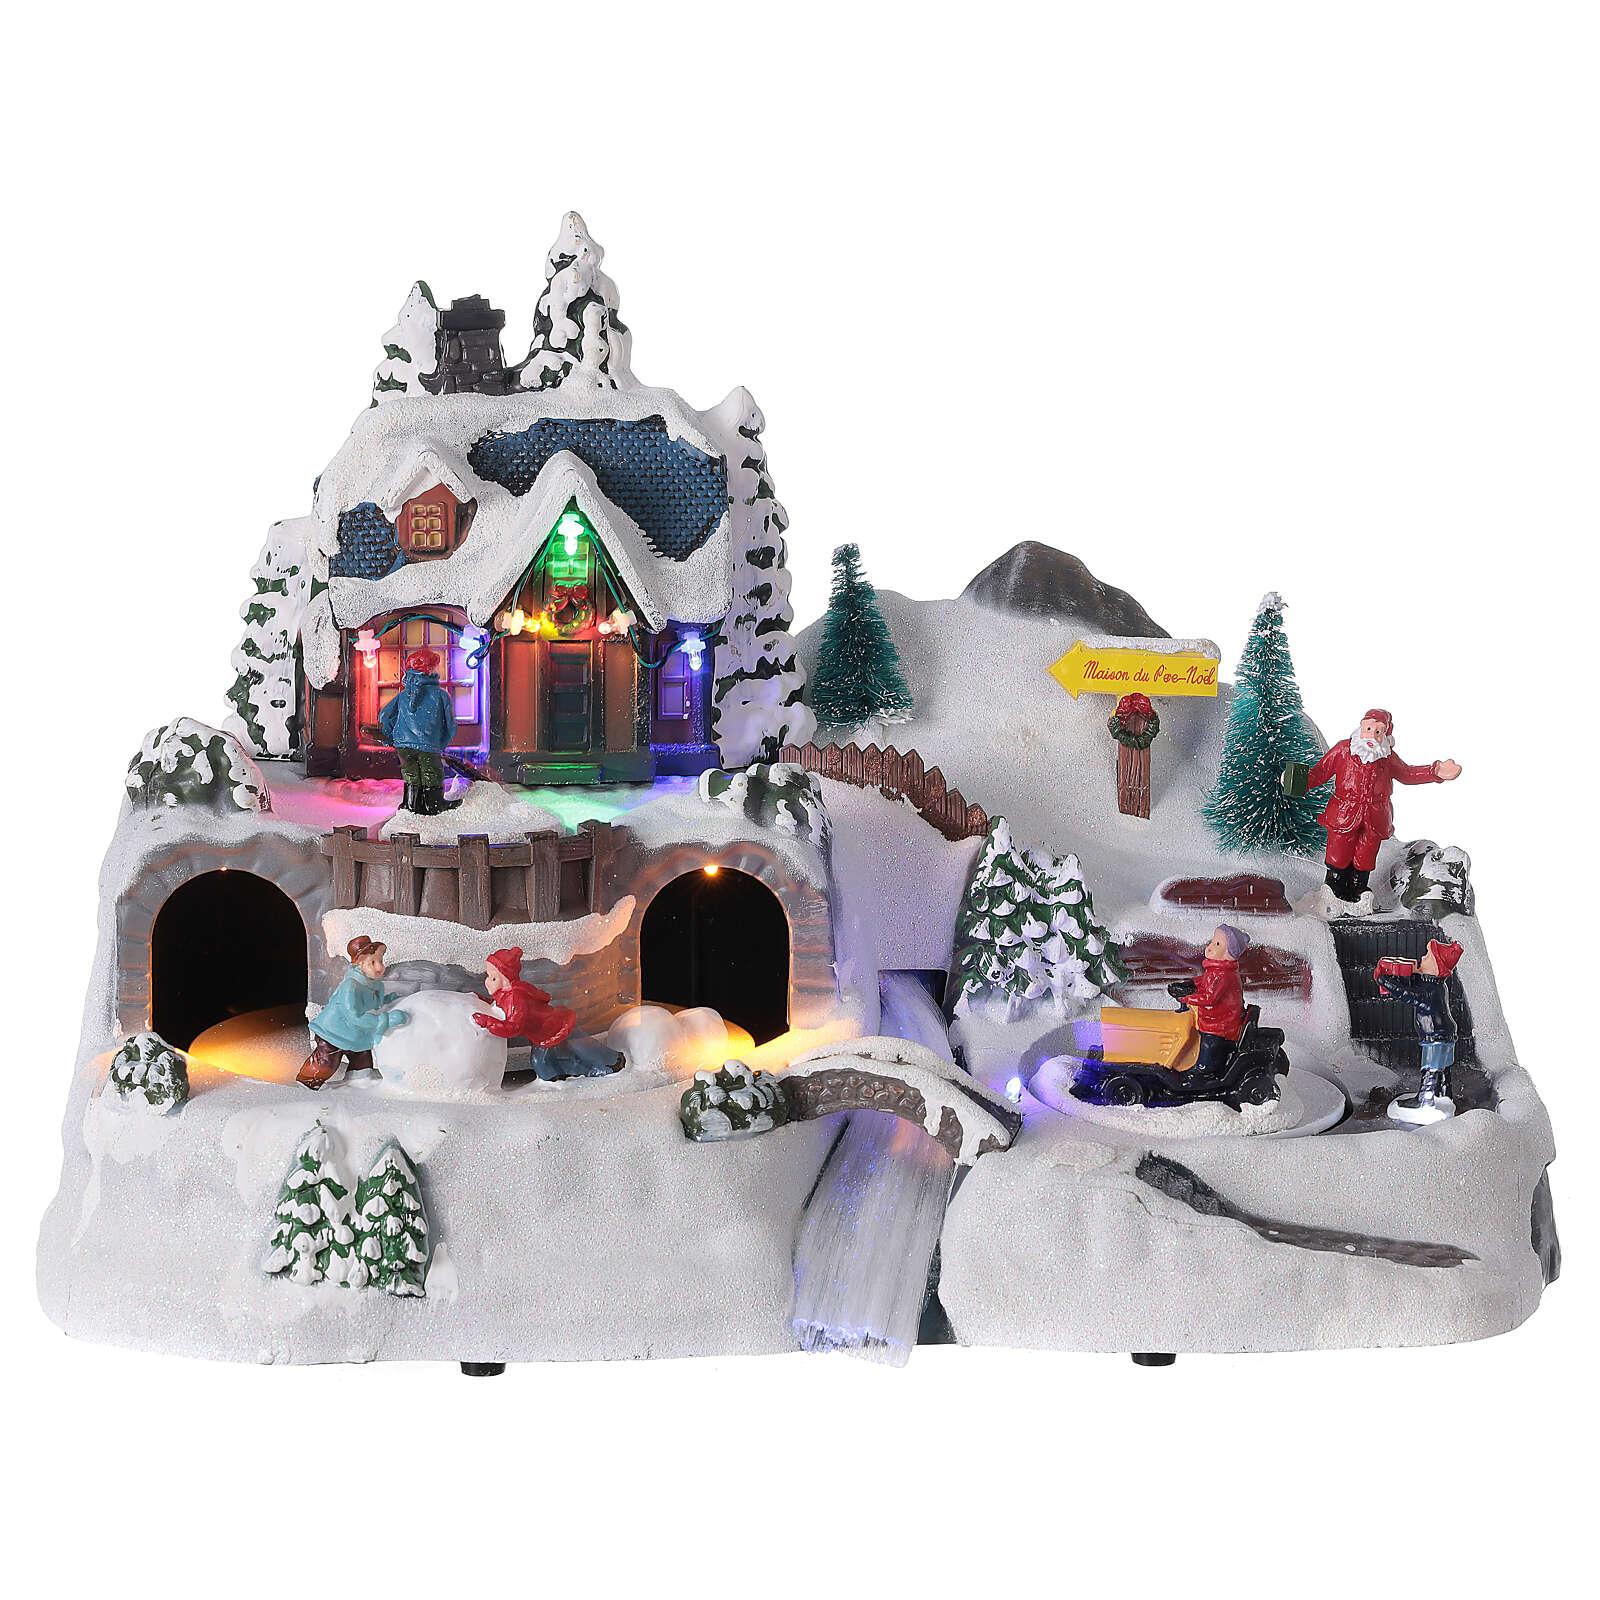 Aldeia de Natal nevada com crianças brincand na neve, luzes LED e música, 23,5x37,5x21,5 cm 3